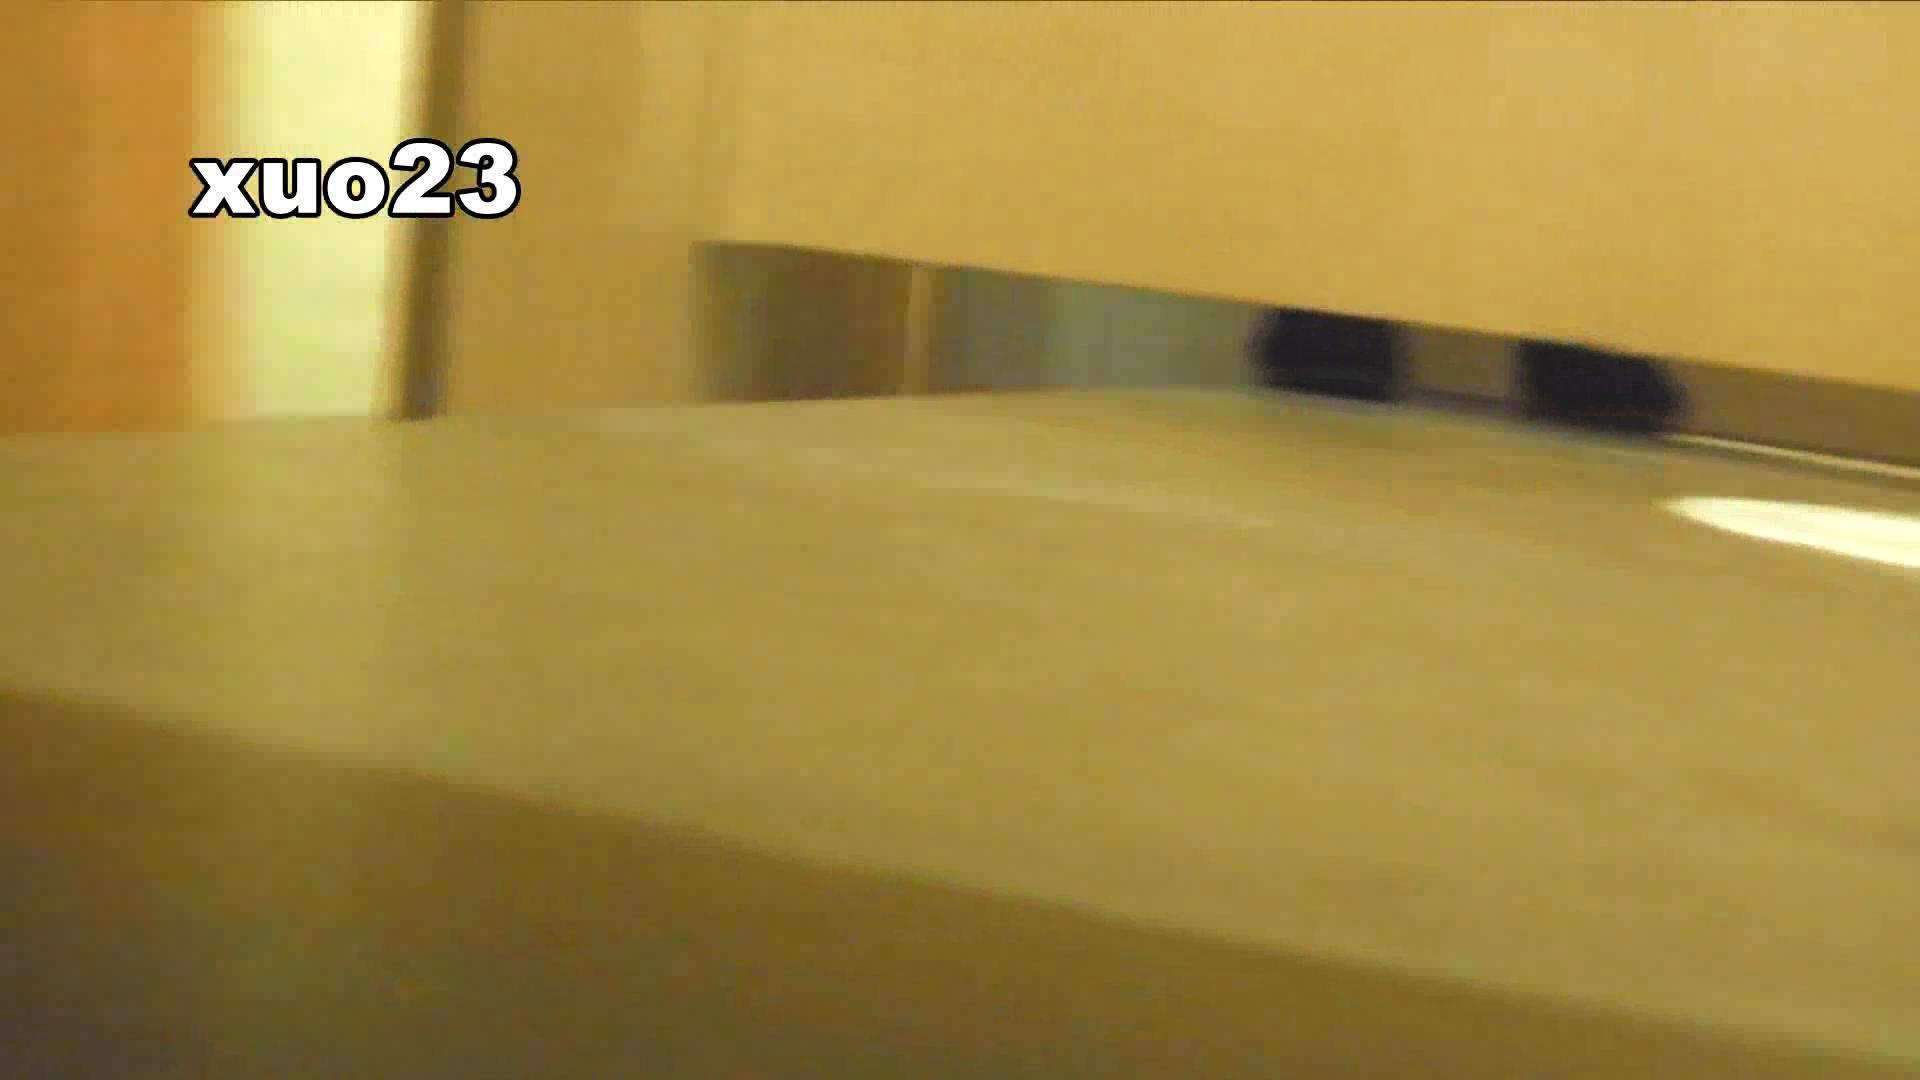 阿国ちゃんの「和式洋式七変化」No.23 飛び出す勢いで大きく8回振ります ギャル攻め SEX無修正画像 75画像 68